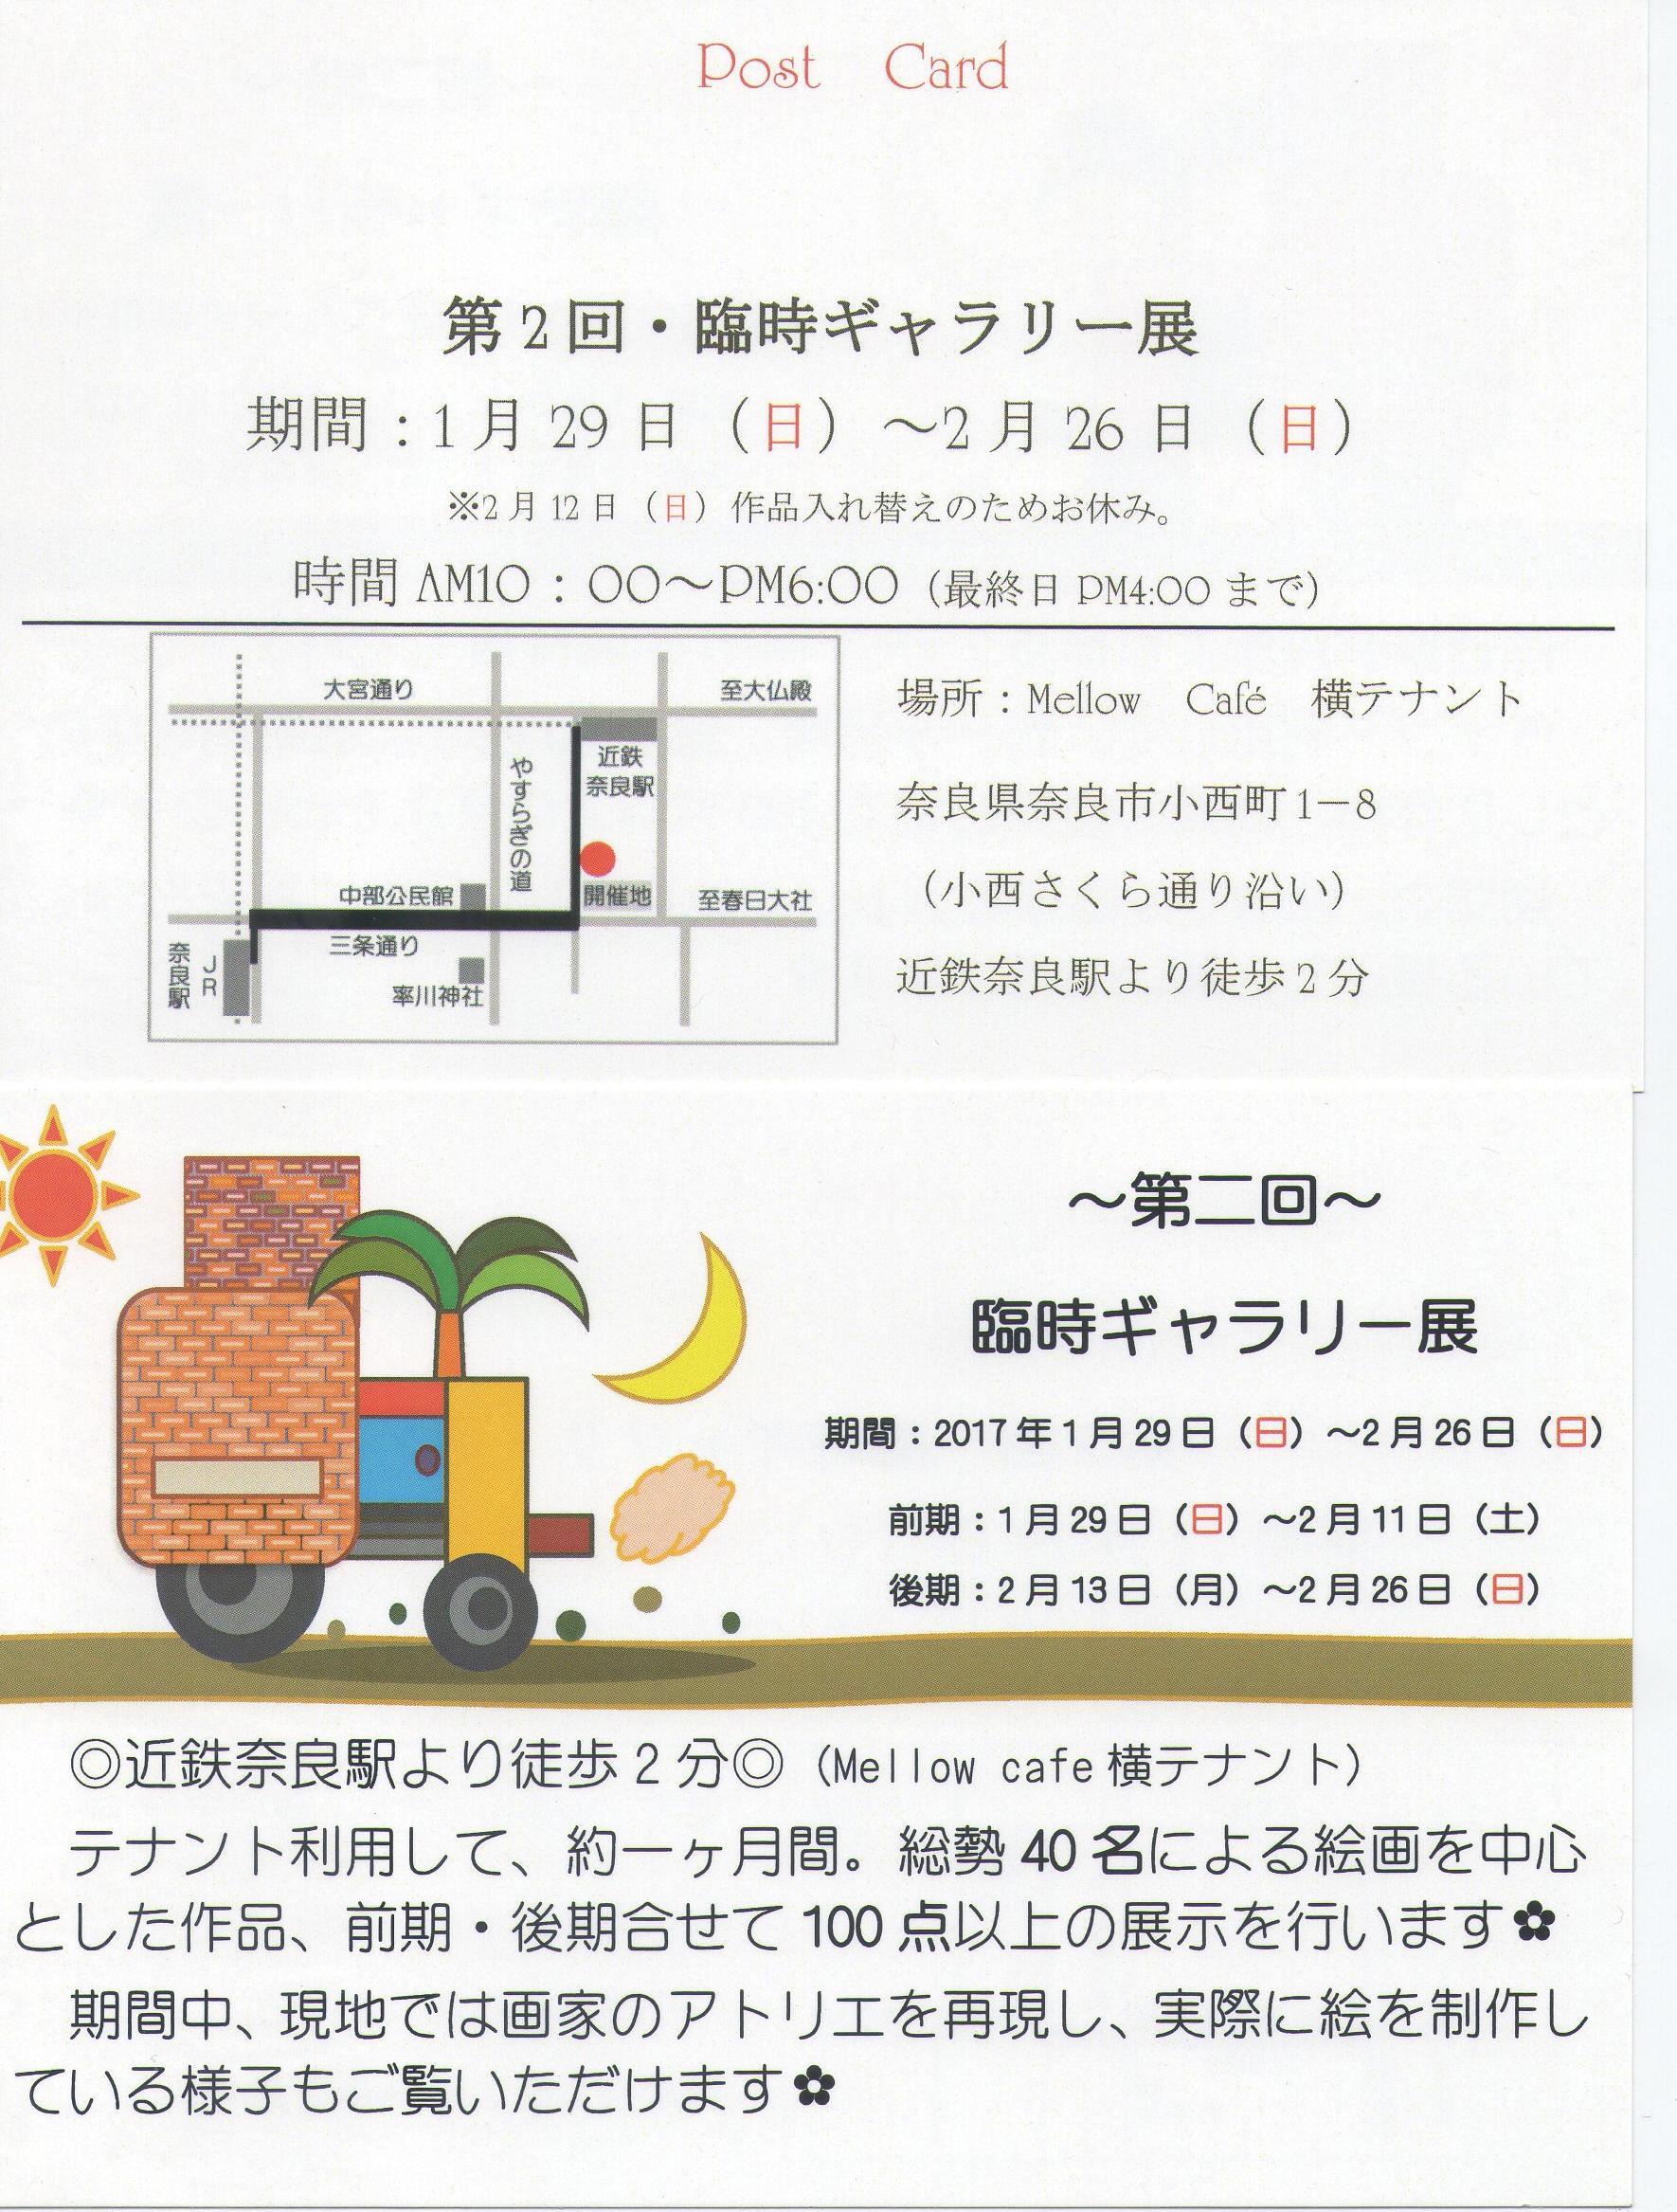 rinji_20170208.jpg